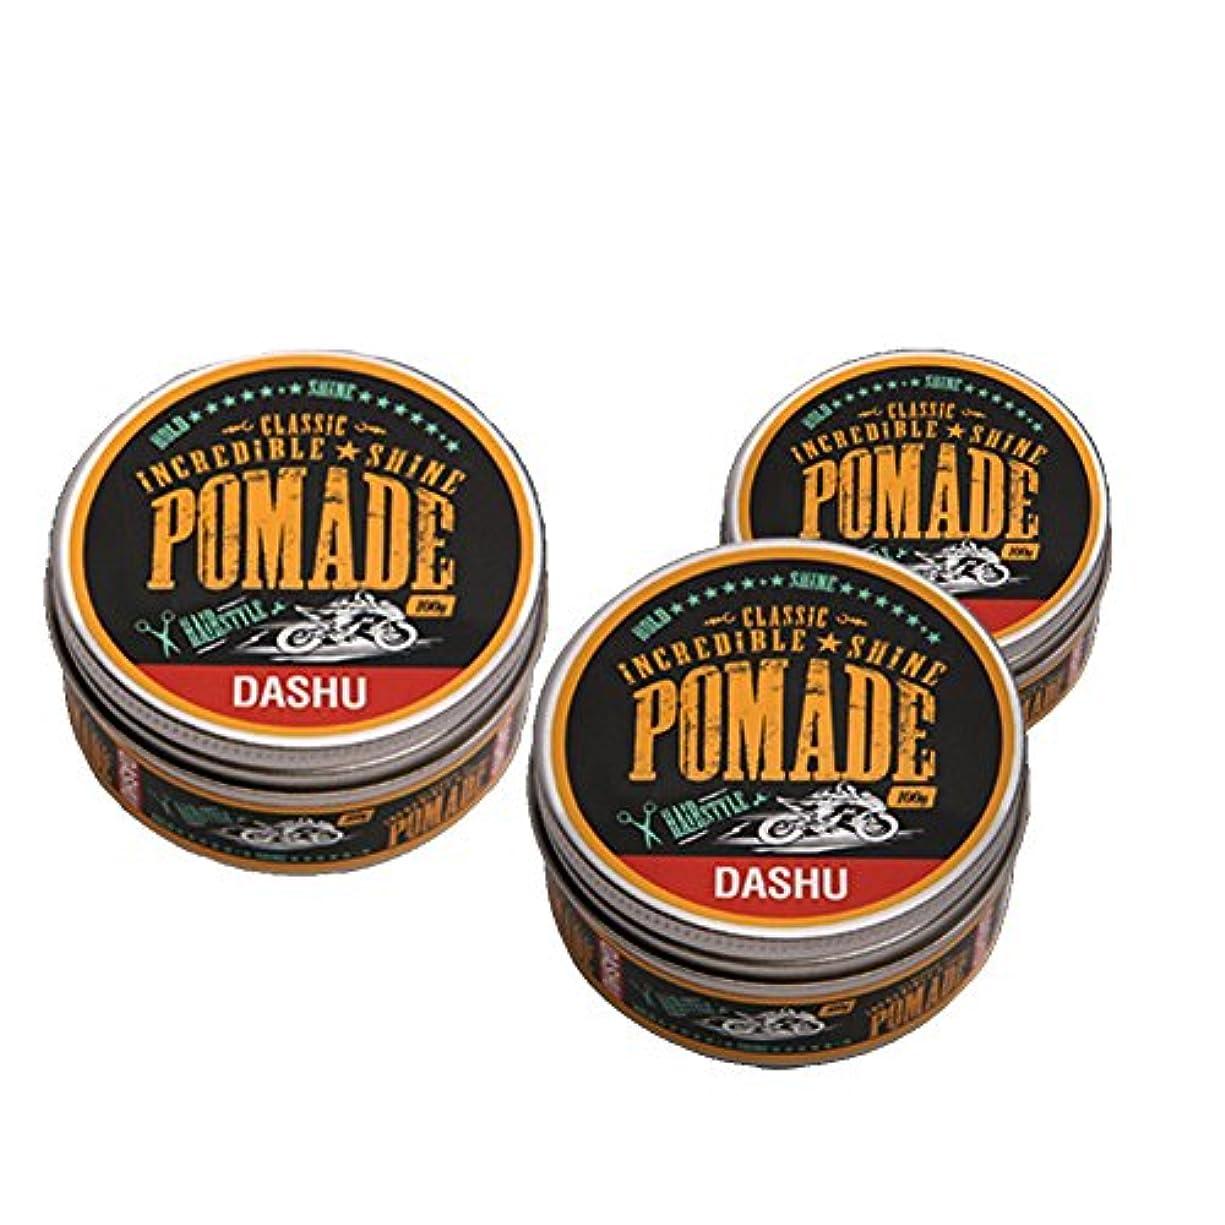 エロチックスーツケース時制(3個セット) x [DASHU] ダシュ クラシック 信じられないほどの輝き ポマードワックス Classic Incredible Shine Pomade Hair Wax 100ml / 韓国製 . 韓国直送品